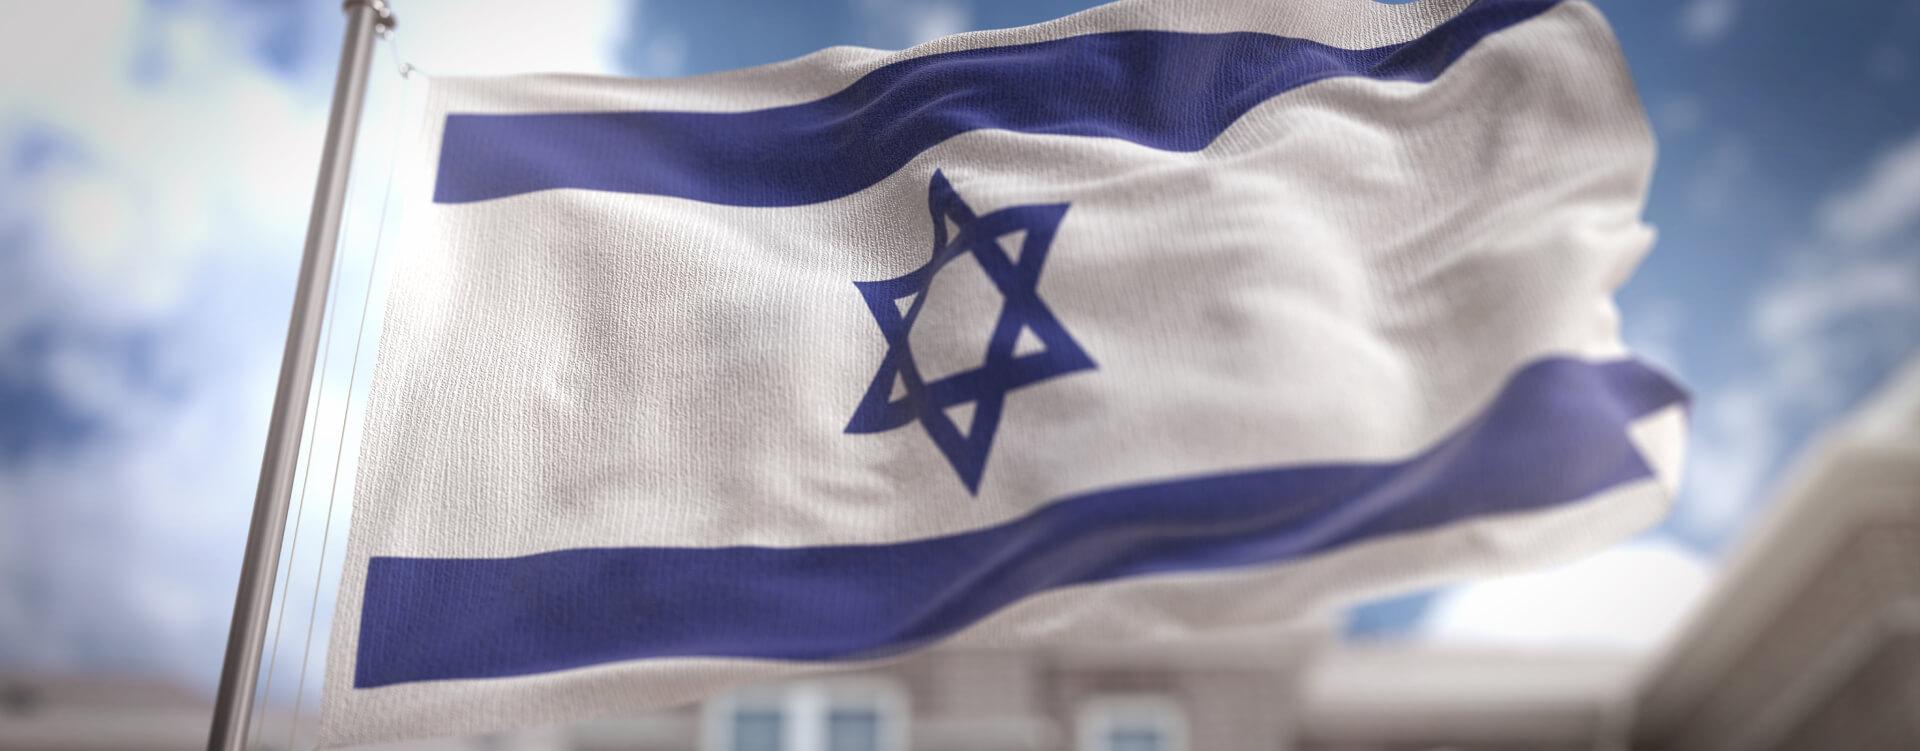 Компенсация за травмы при ДТП в Израиле - компания Zashita